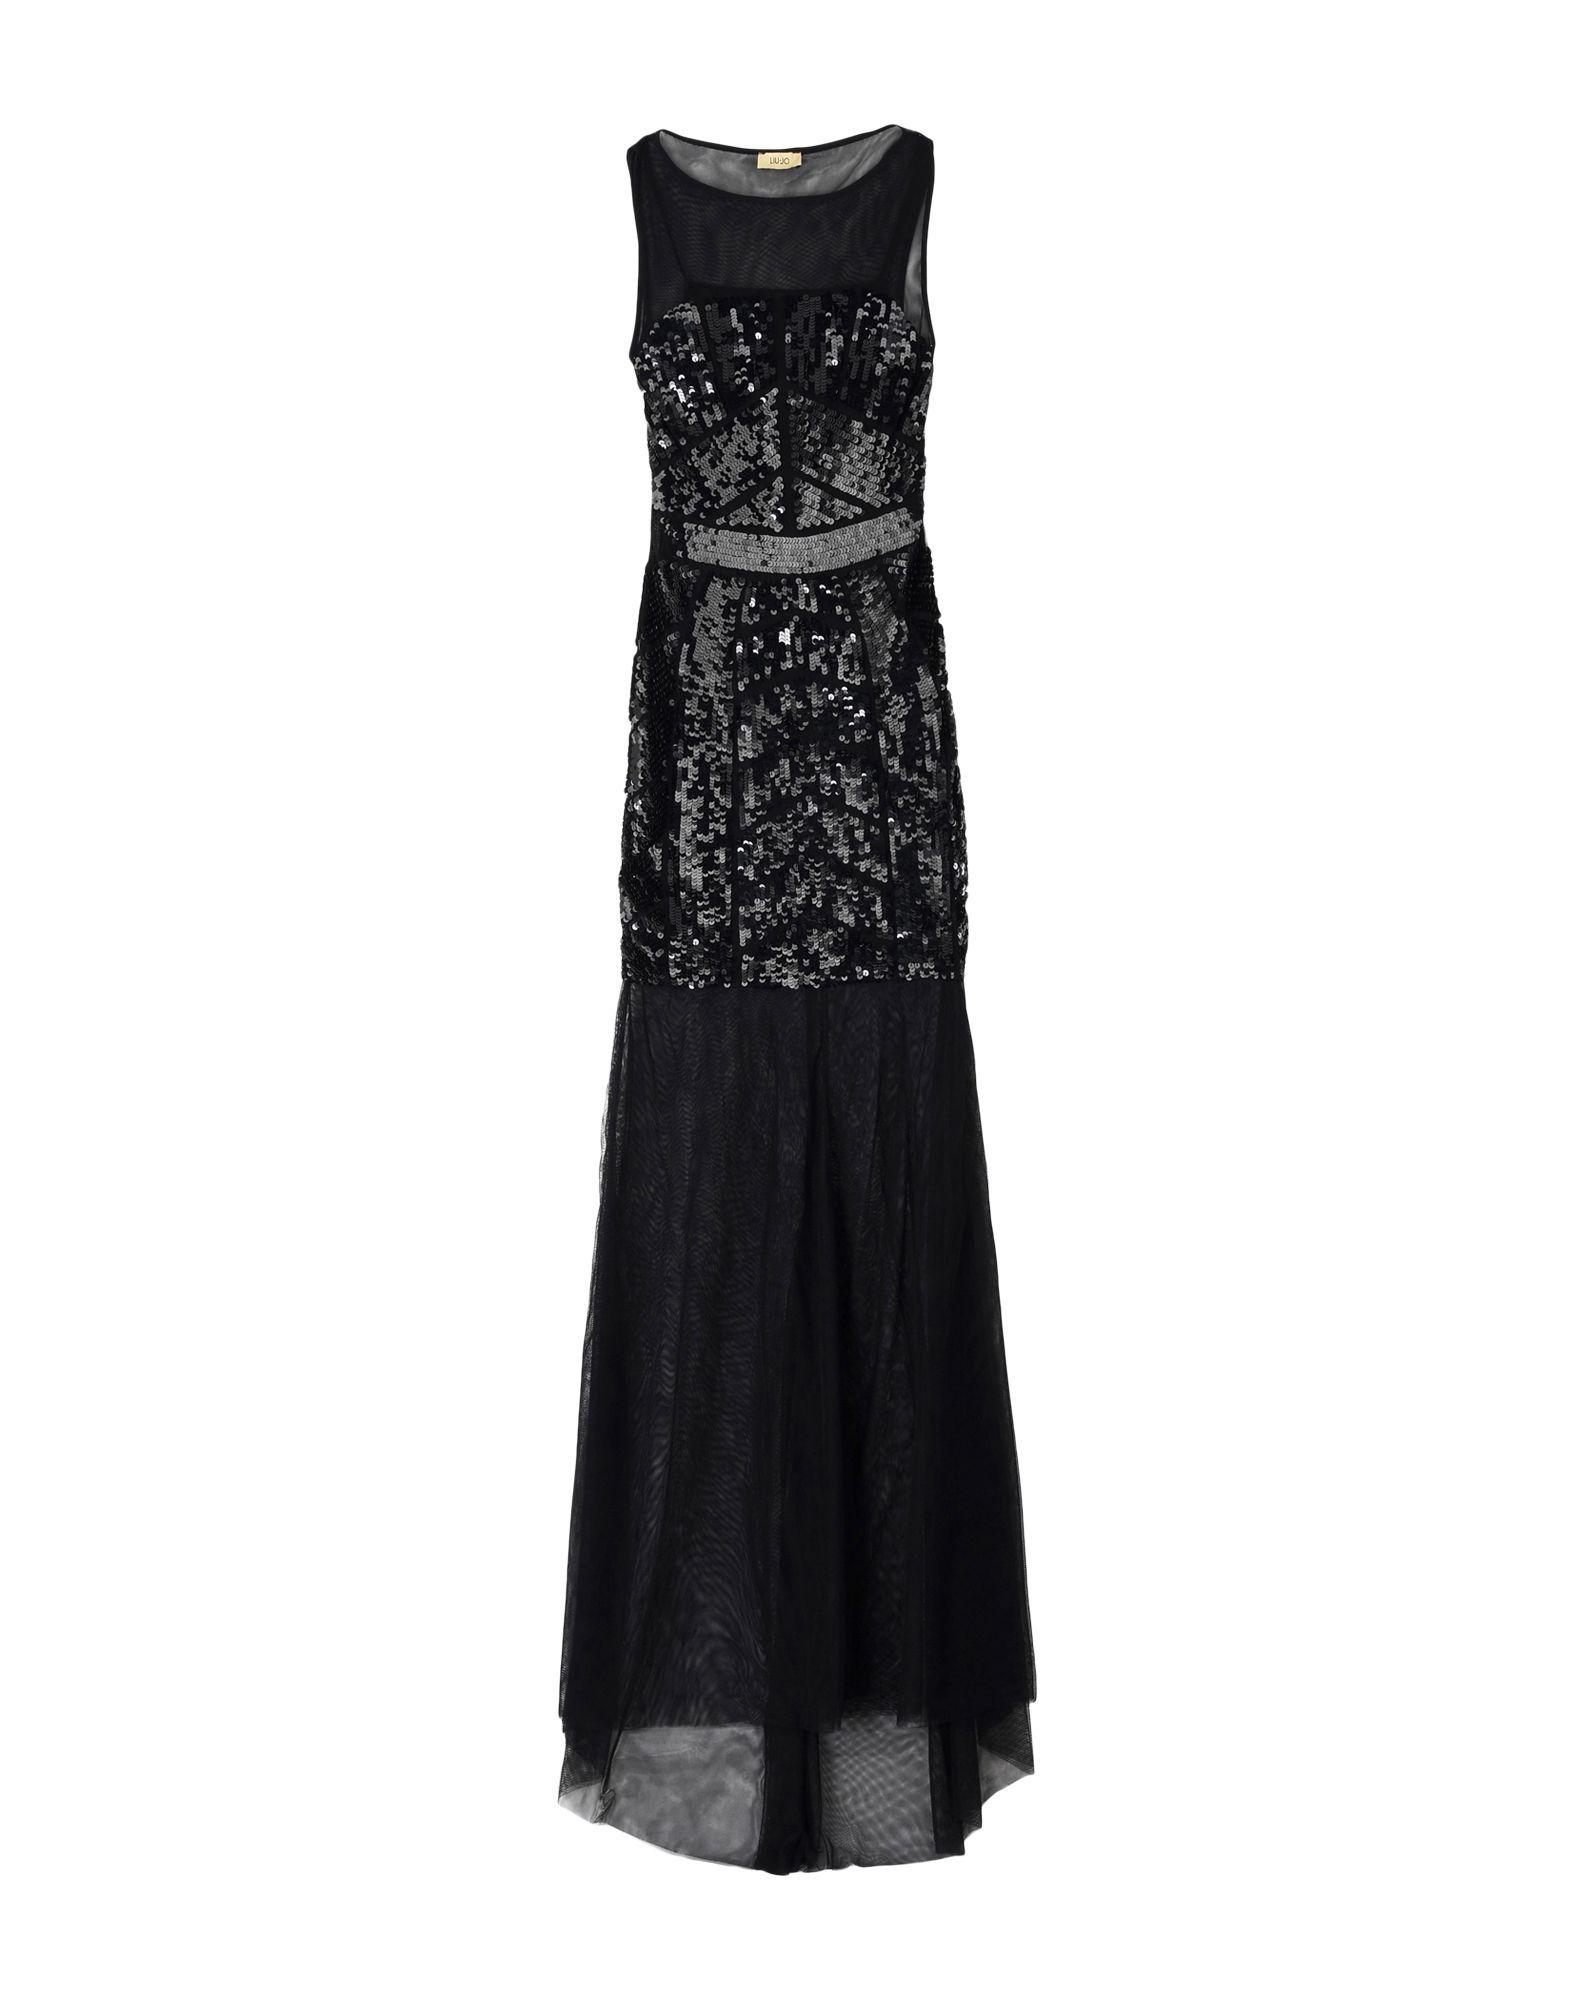 Liu Jo Black Full Length Dress